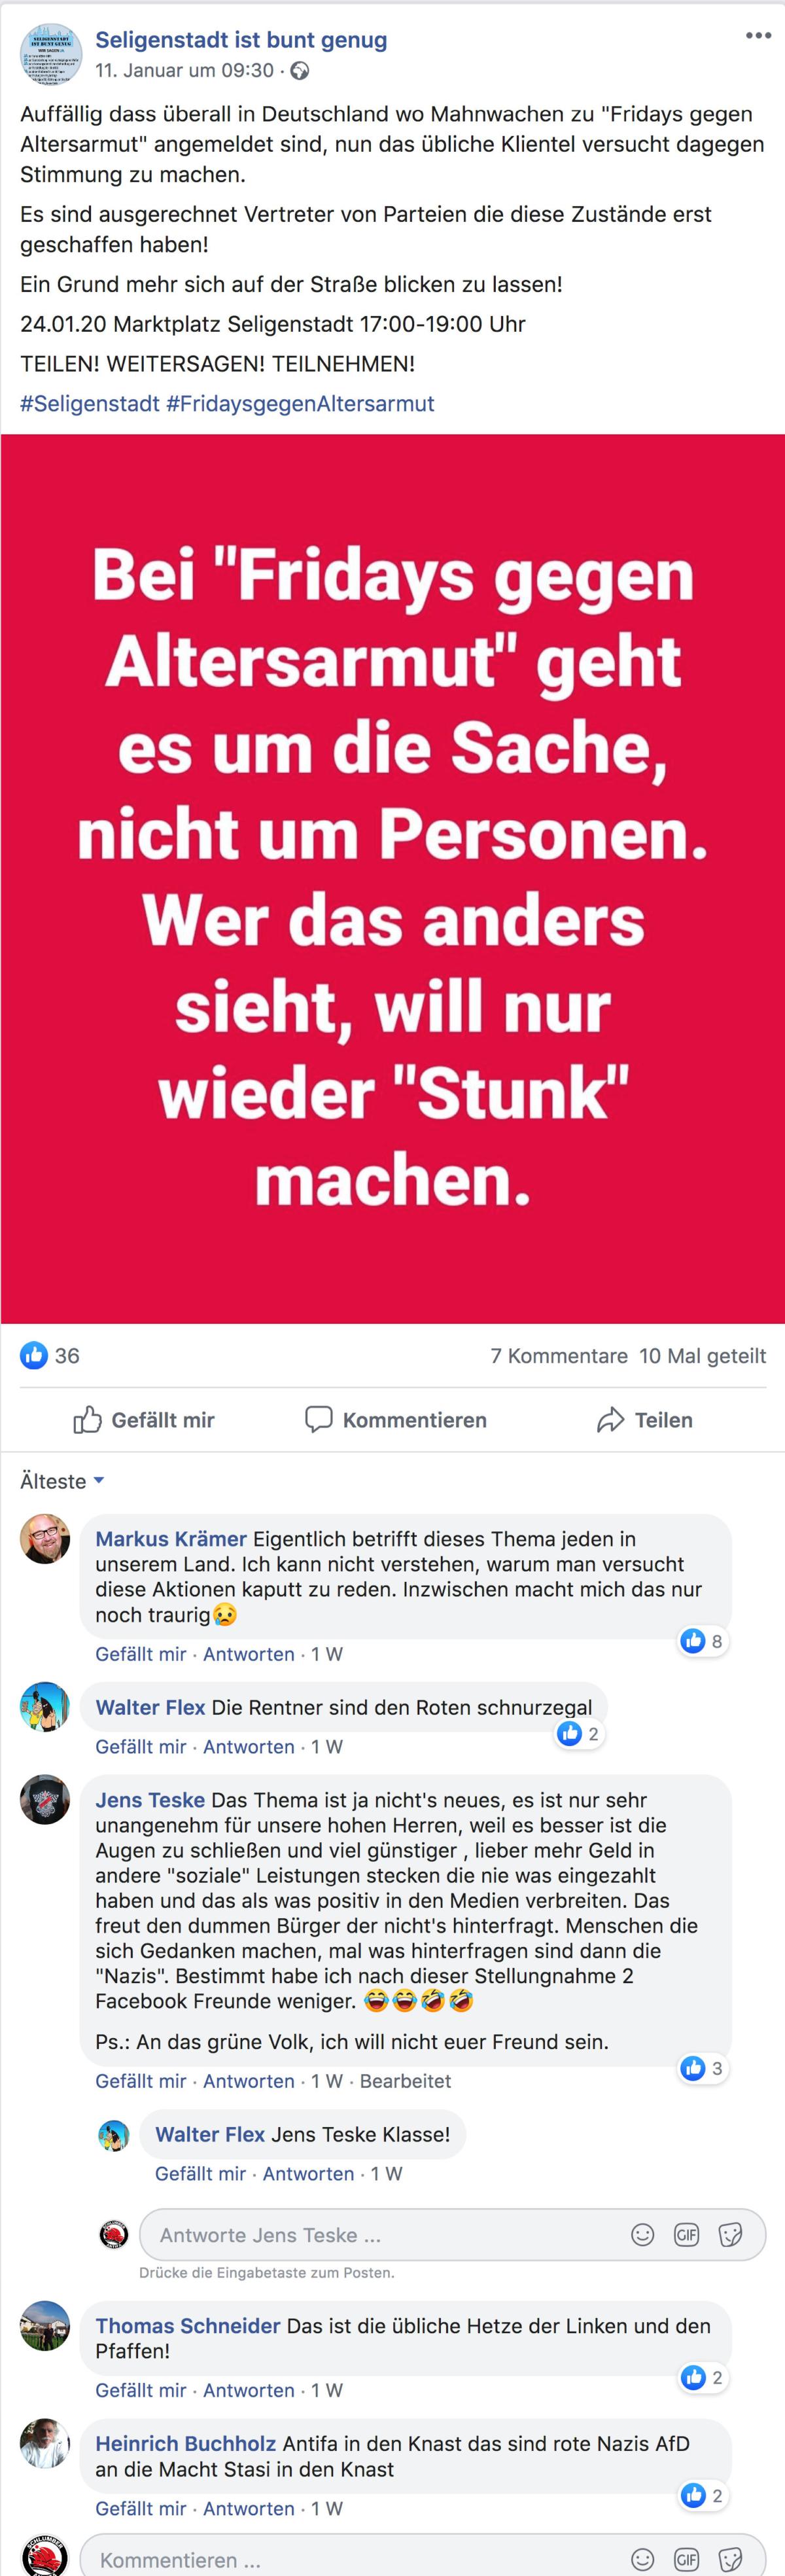 Markus Krämer pic_20443